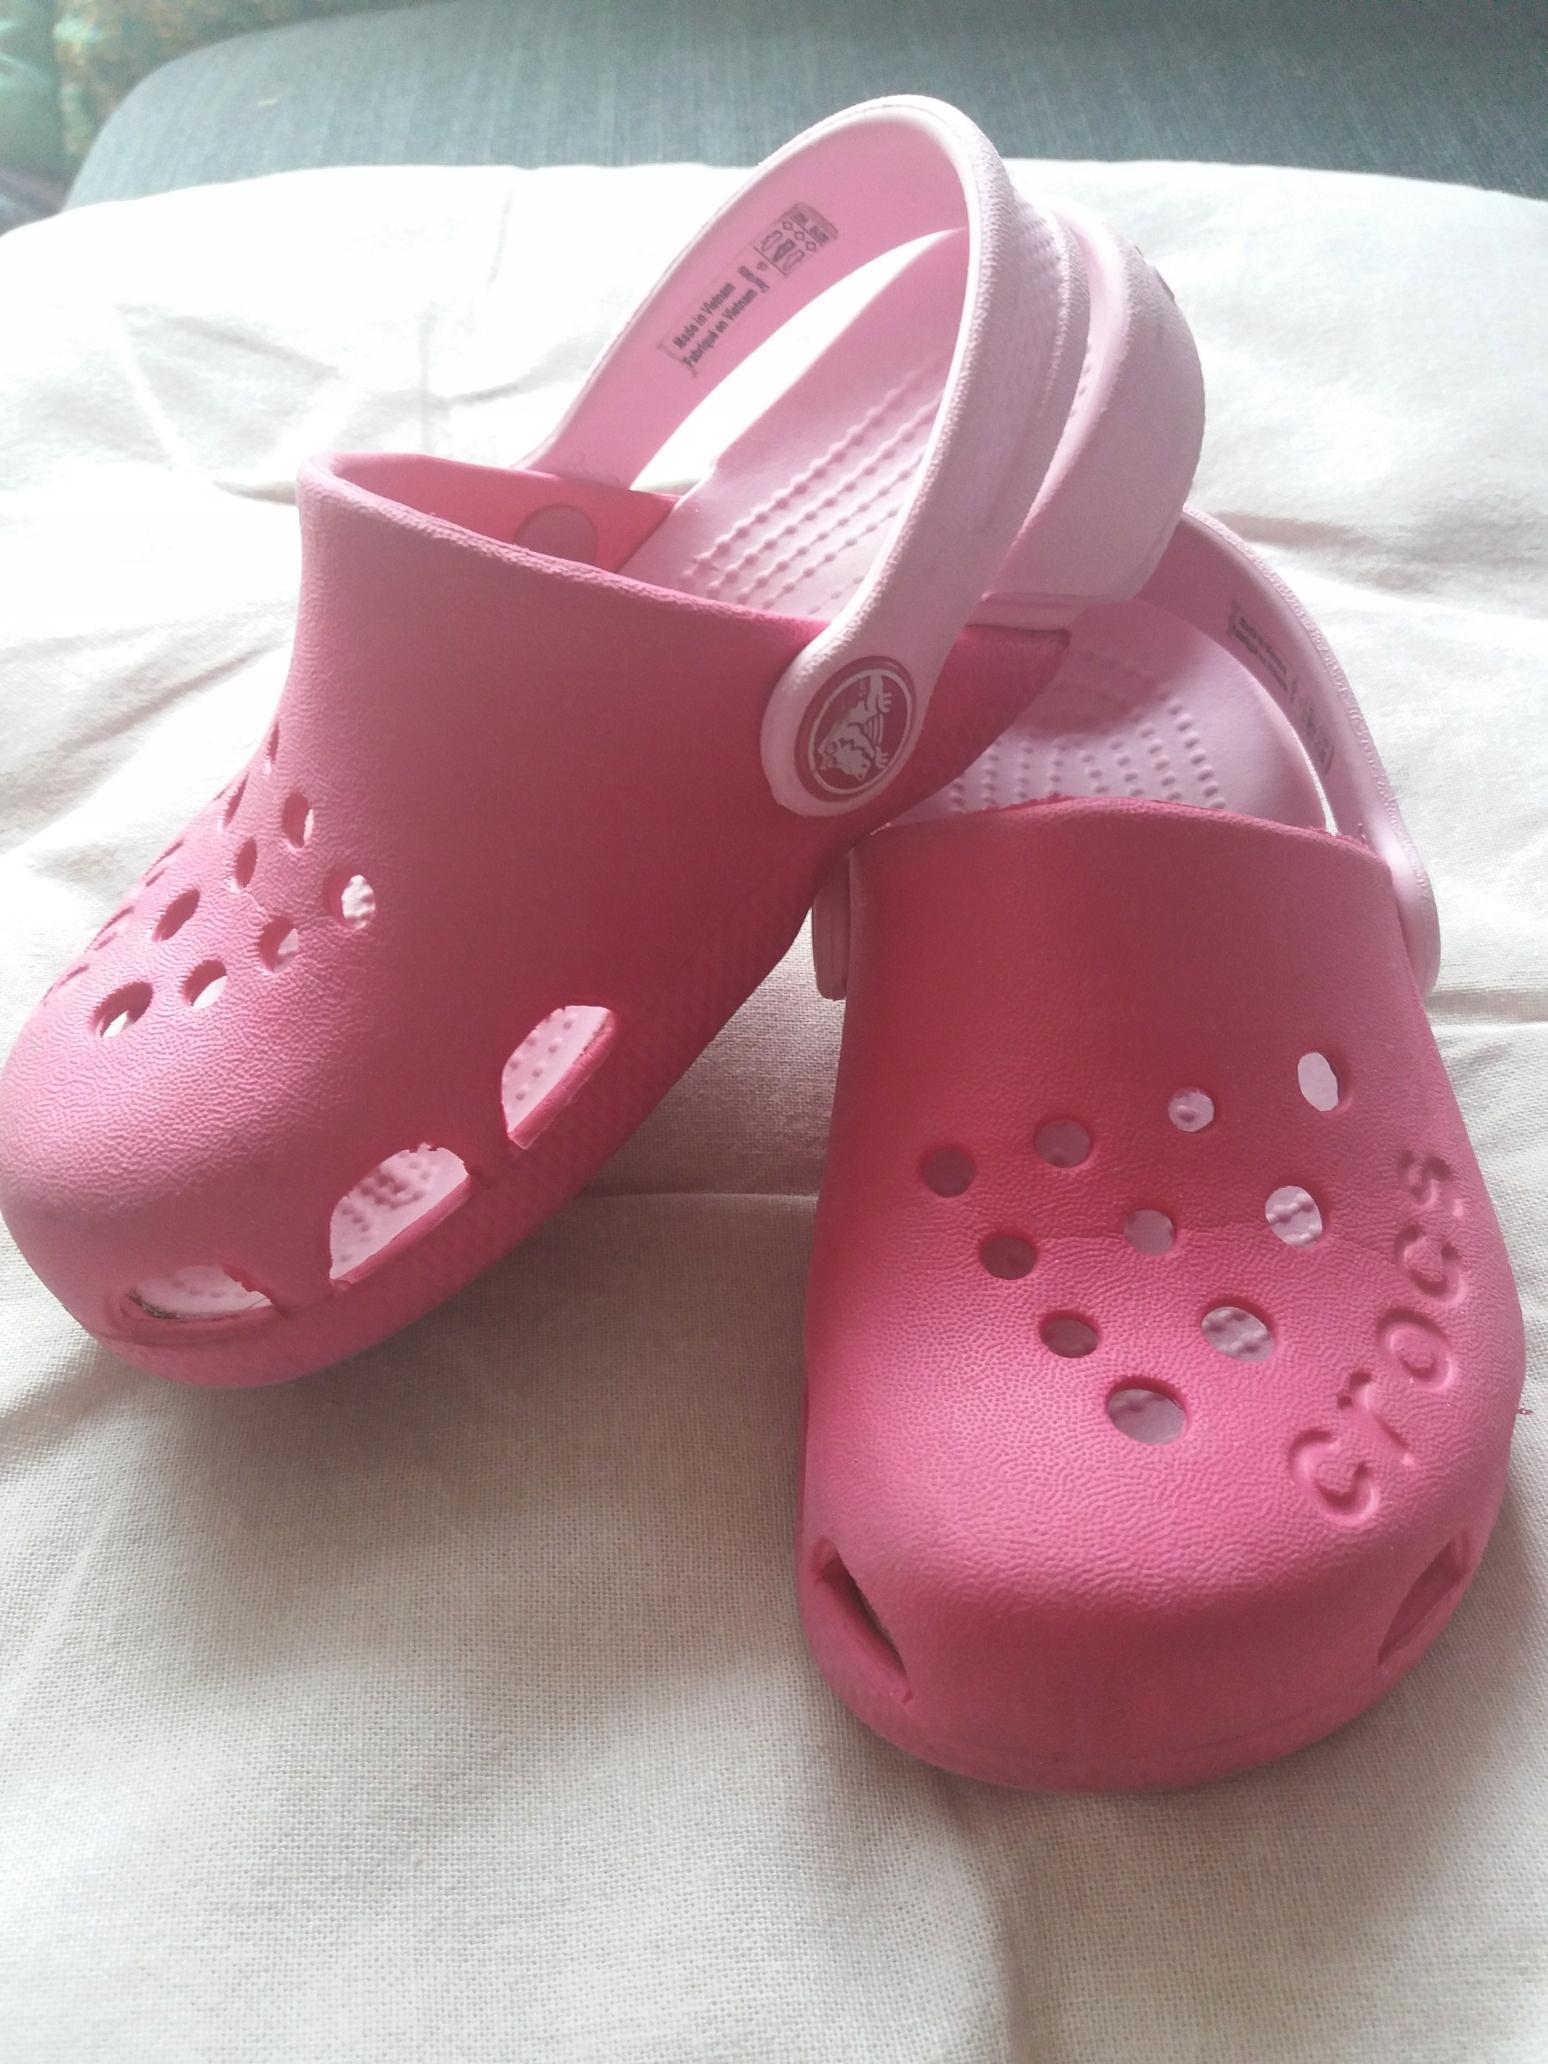 Crocs Buty Crocsy 26 27 C9 C10 16,6cm Róż Electro